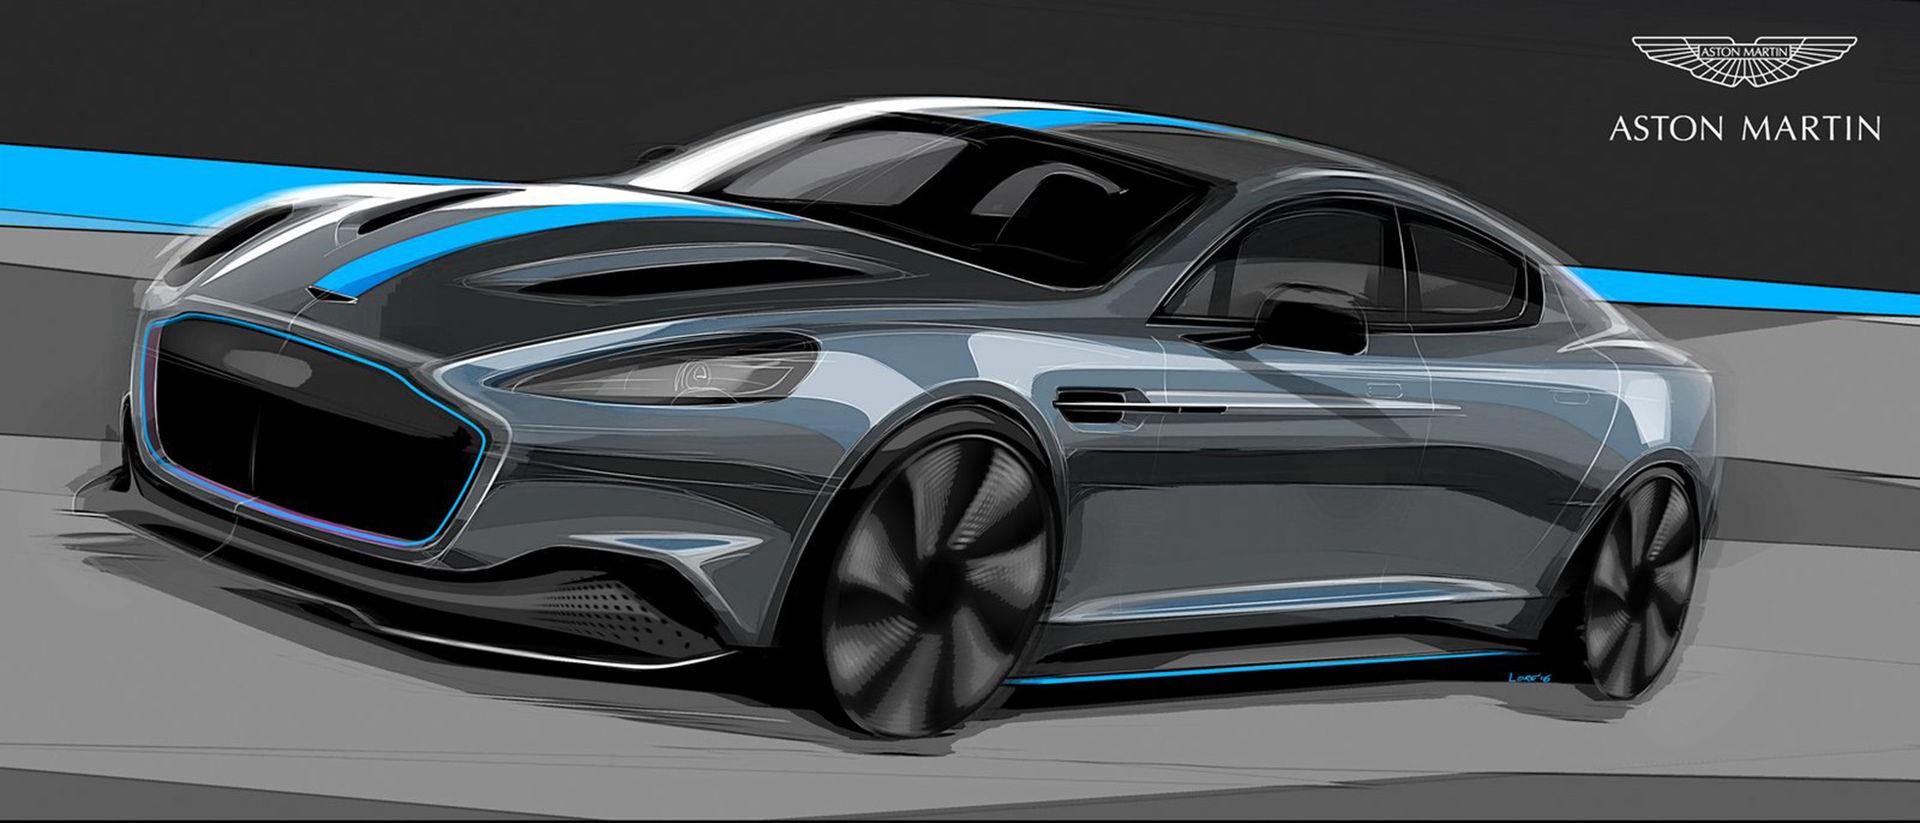 Eldrivna Aston Martin RapidE bekräftad för produktion